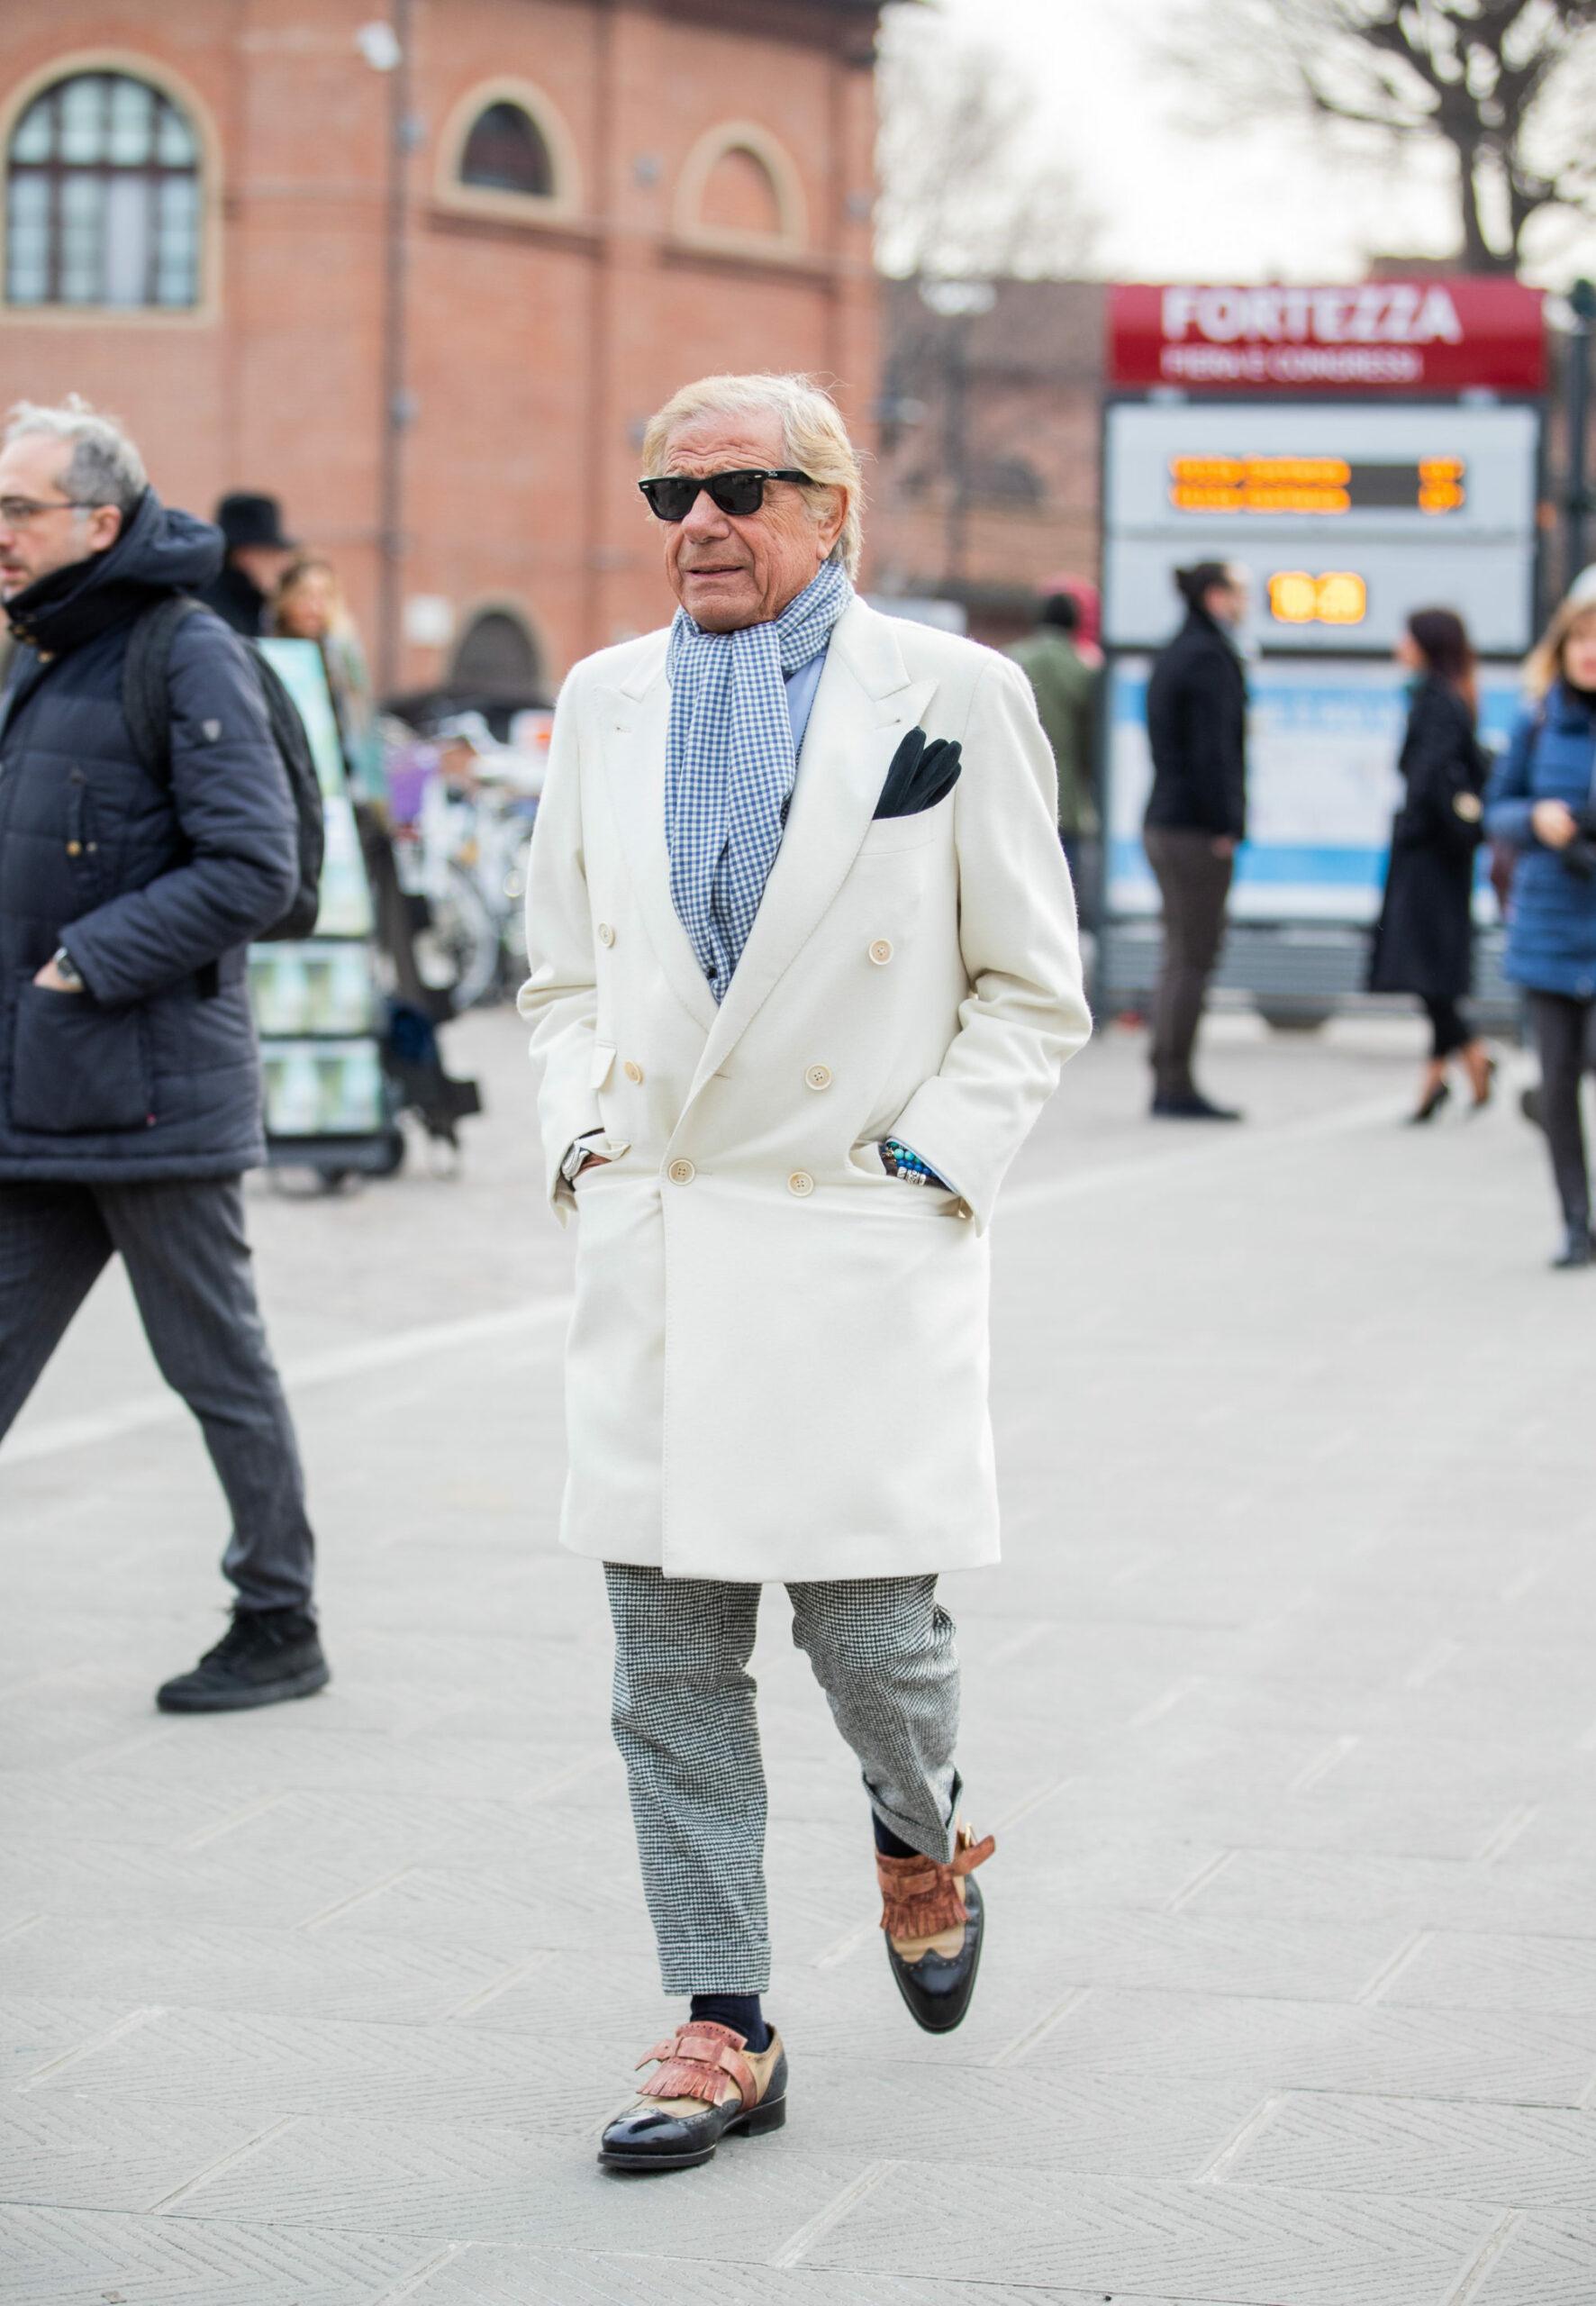 L'idole des ploucs: le manteau blanc, la pochette assortie aux lunettes de soleil. Au moins, l'écharpe façon cochonou-vichy nous évite la vue d'une cravate brodée d'un 7.